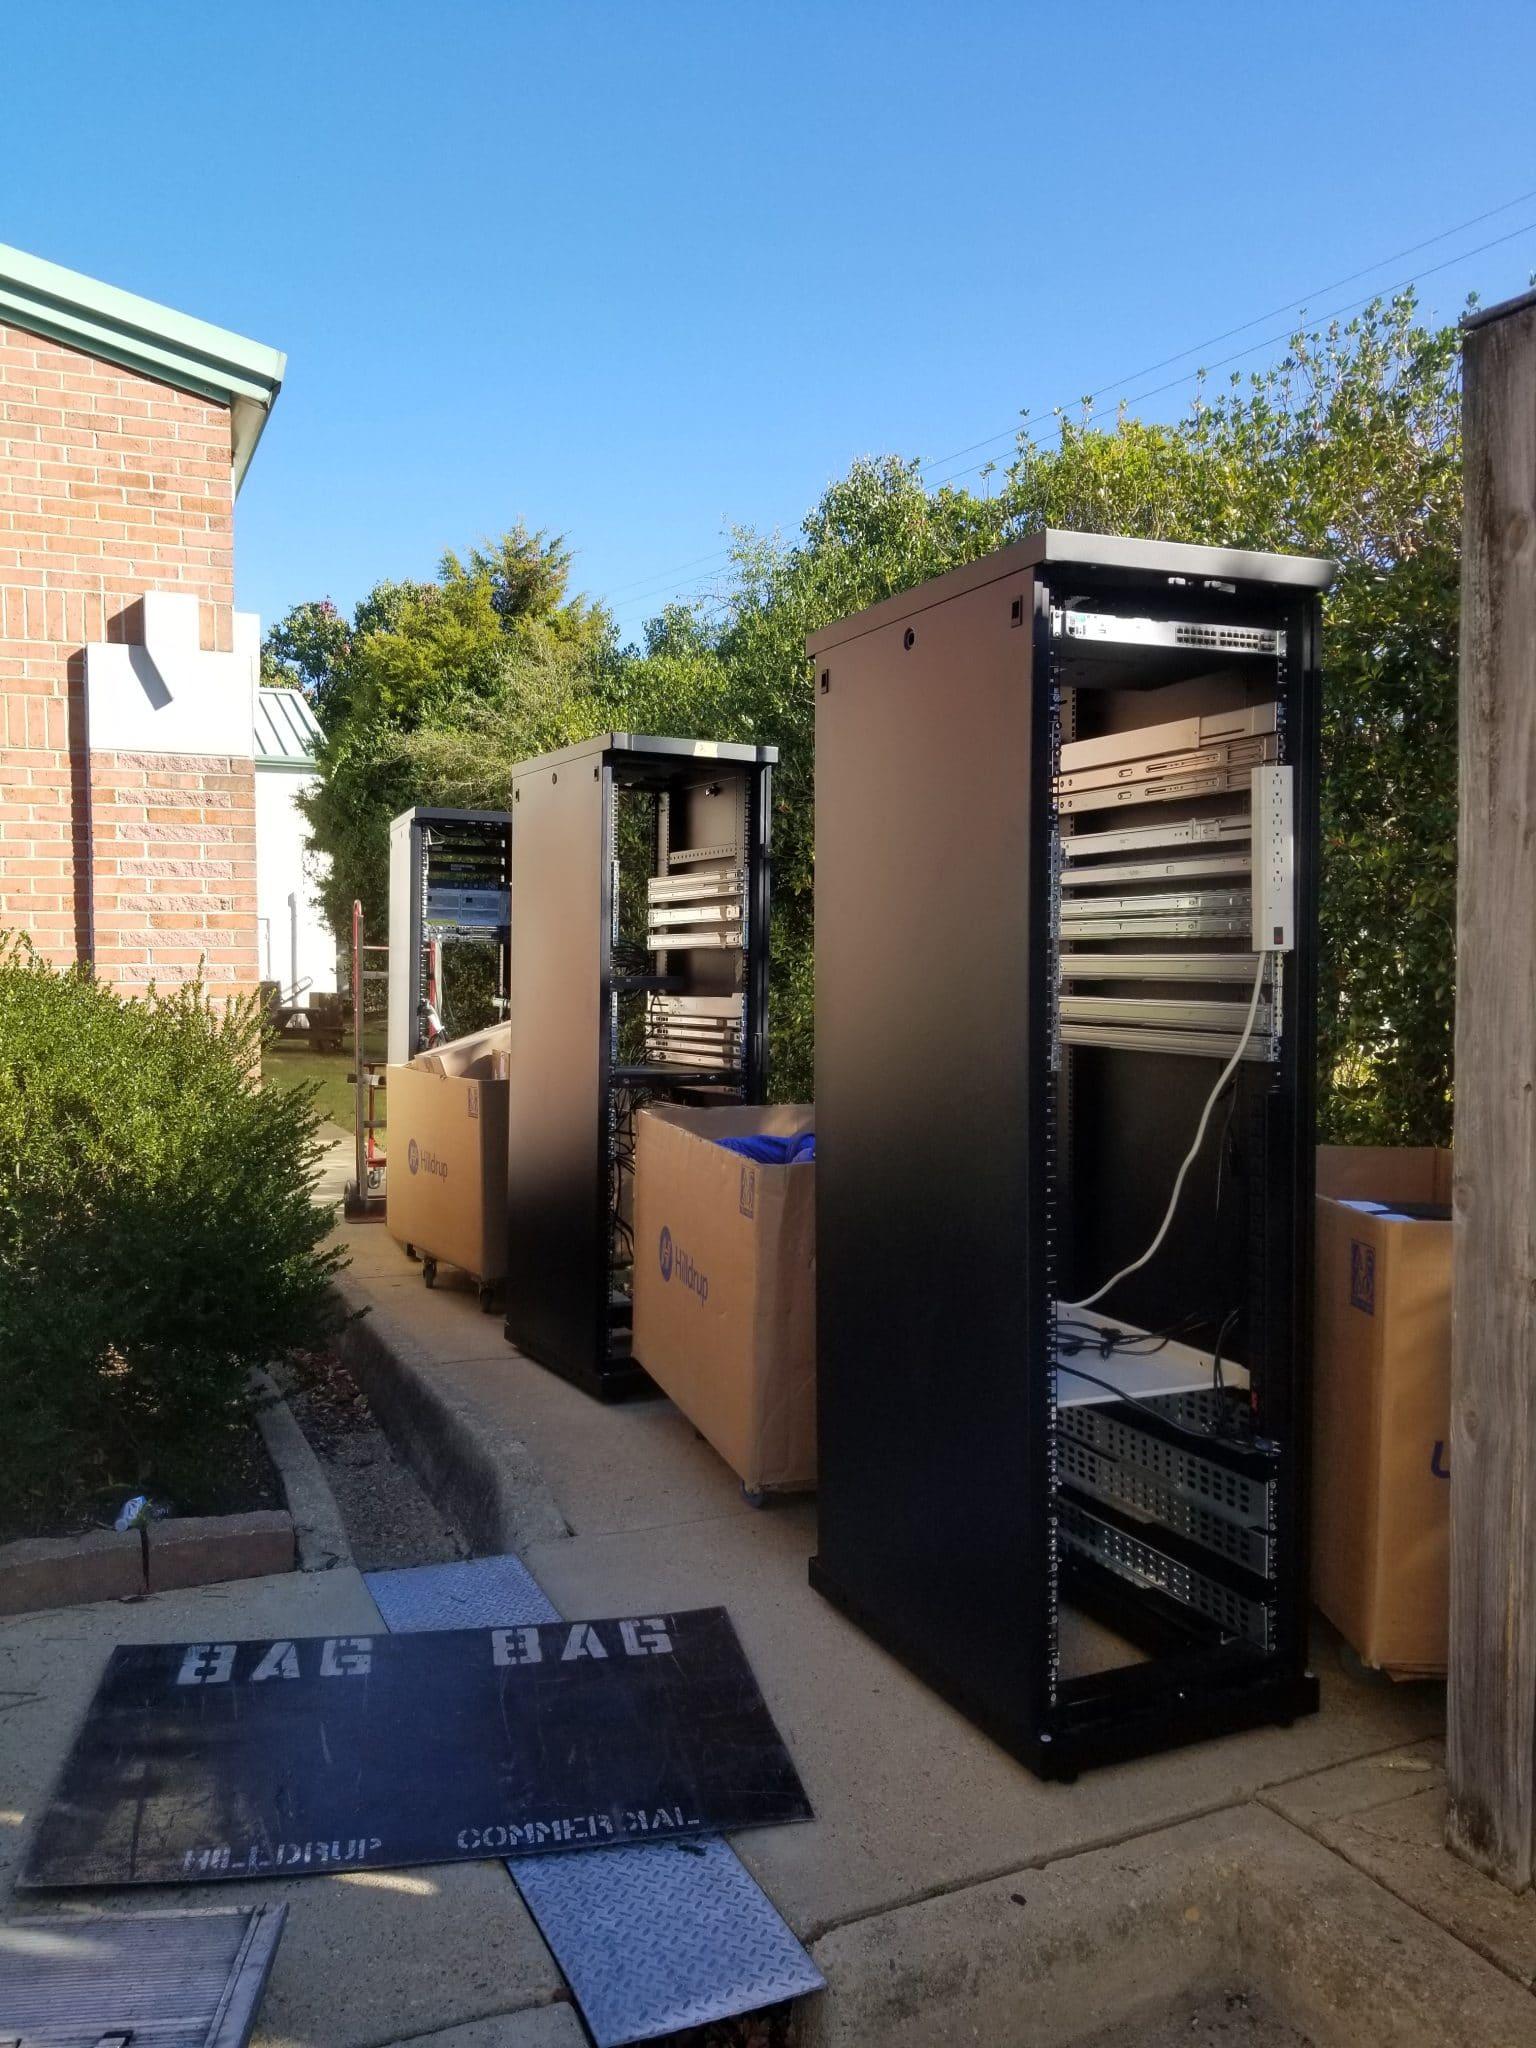 Moving data center